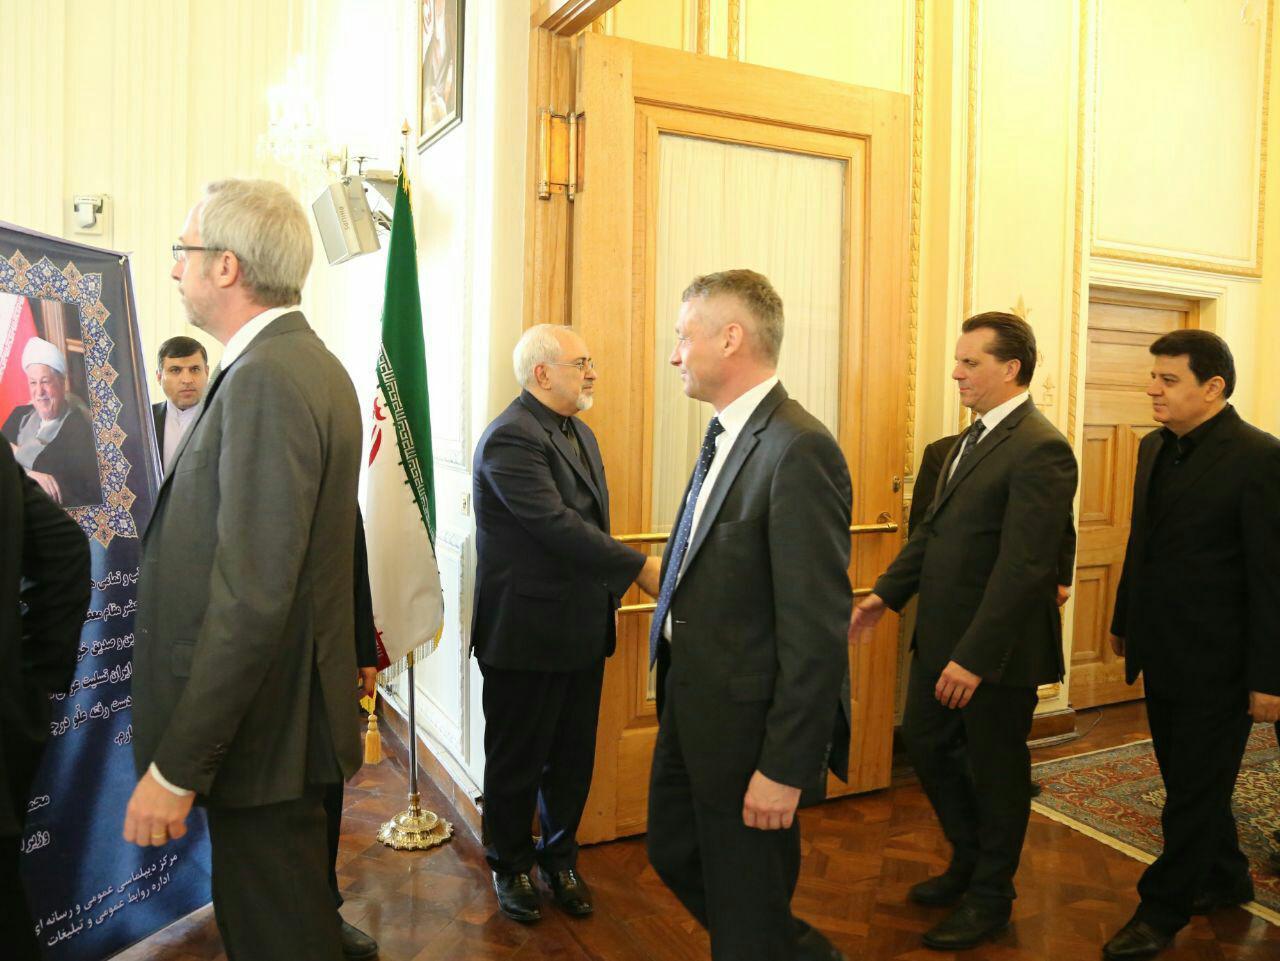 حضور سفرای خارجی در وزارت خارجه برای تسلیت درگذشت هاشمی (عکس)